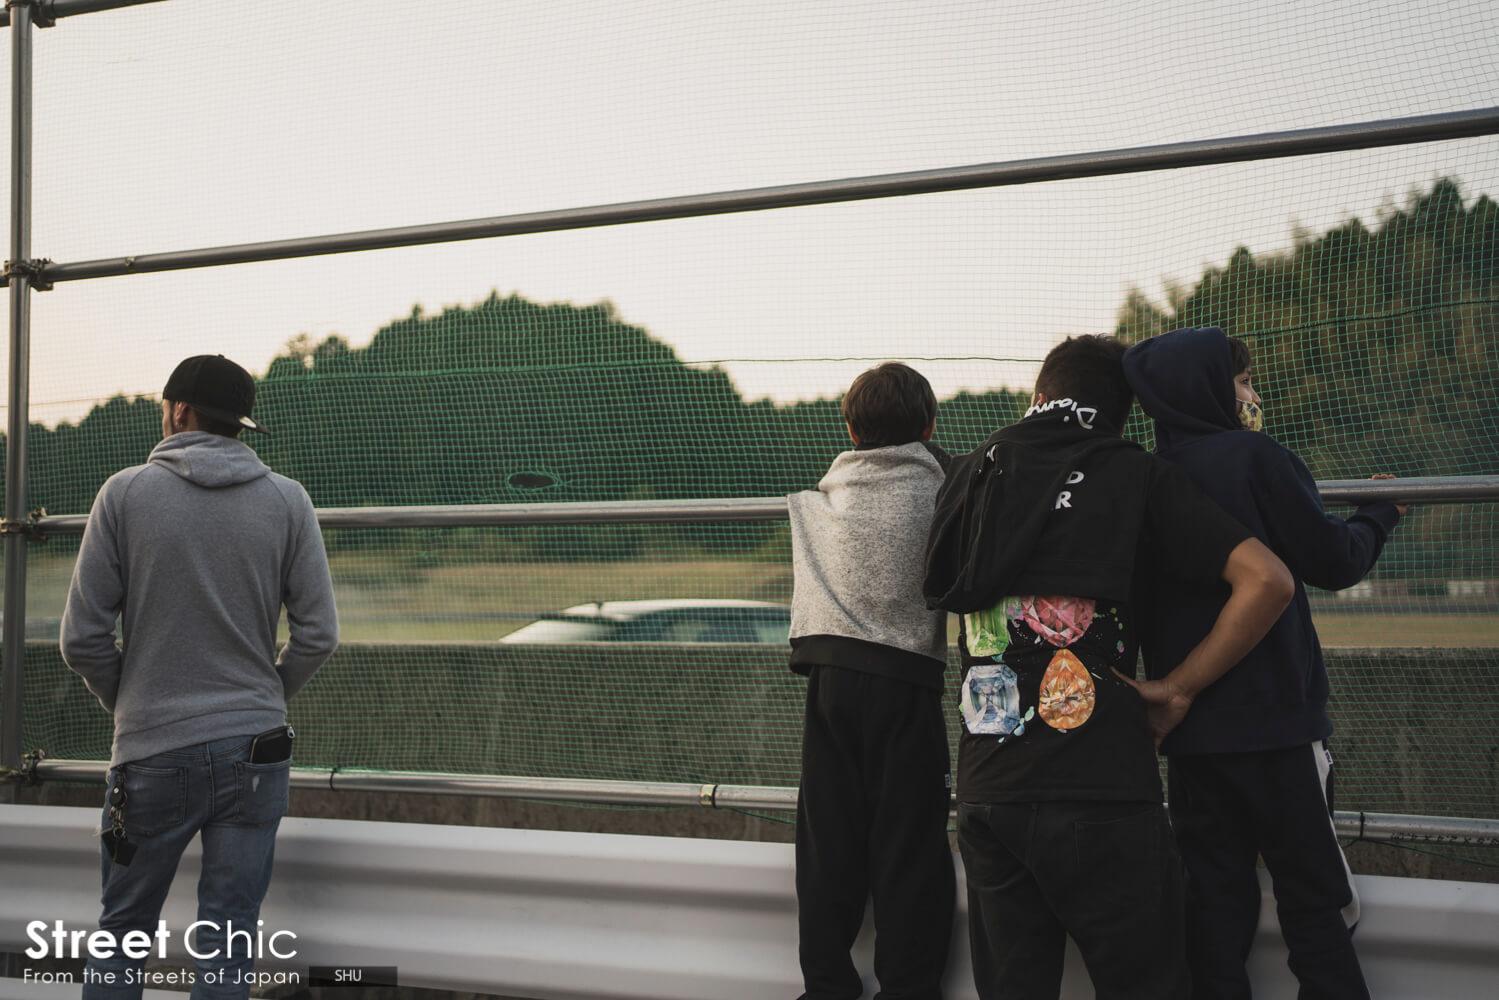 裏ドリドレ2020のドリフトの様子まとめ。鈴鹿ツインサーキットで開催されたドリフト走行会